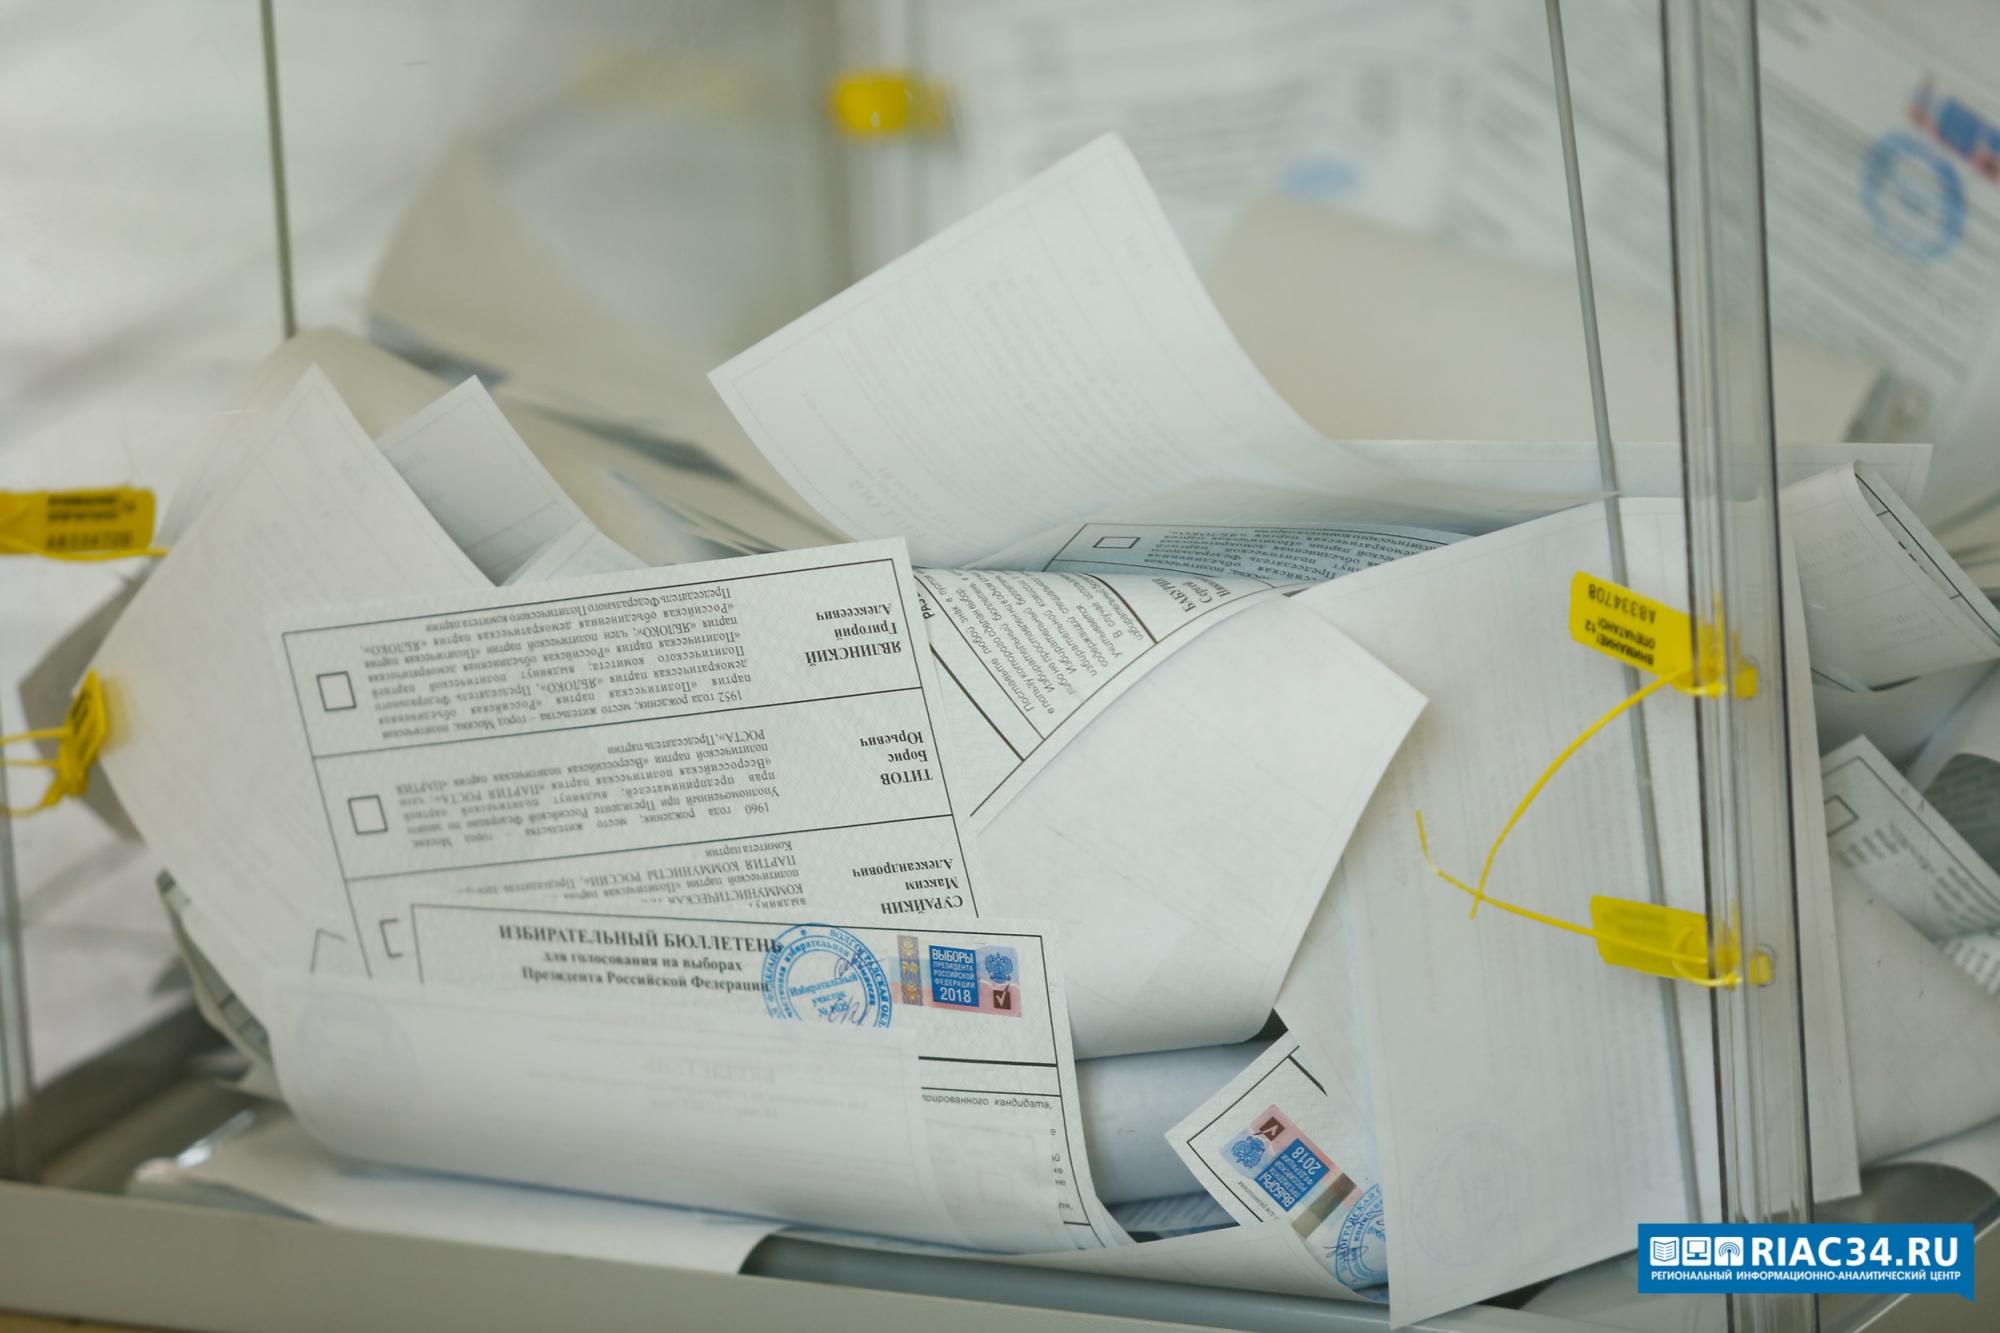 В Волгоградской области закрылись избирательные участки и начался подсчет голосов